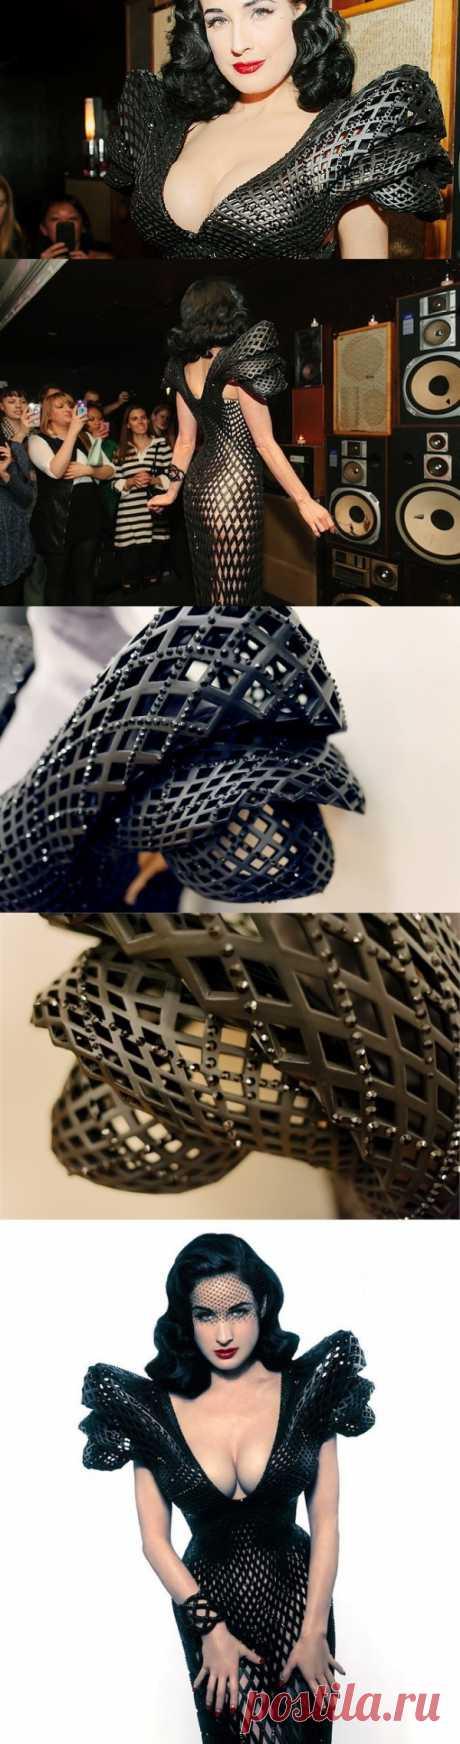 Дита фон Тиз примерила платье из будущего